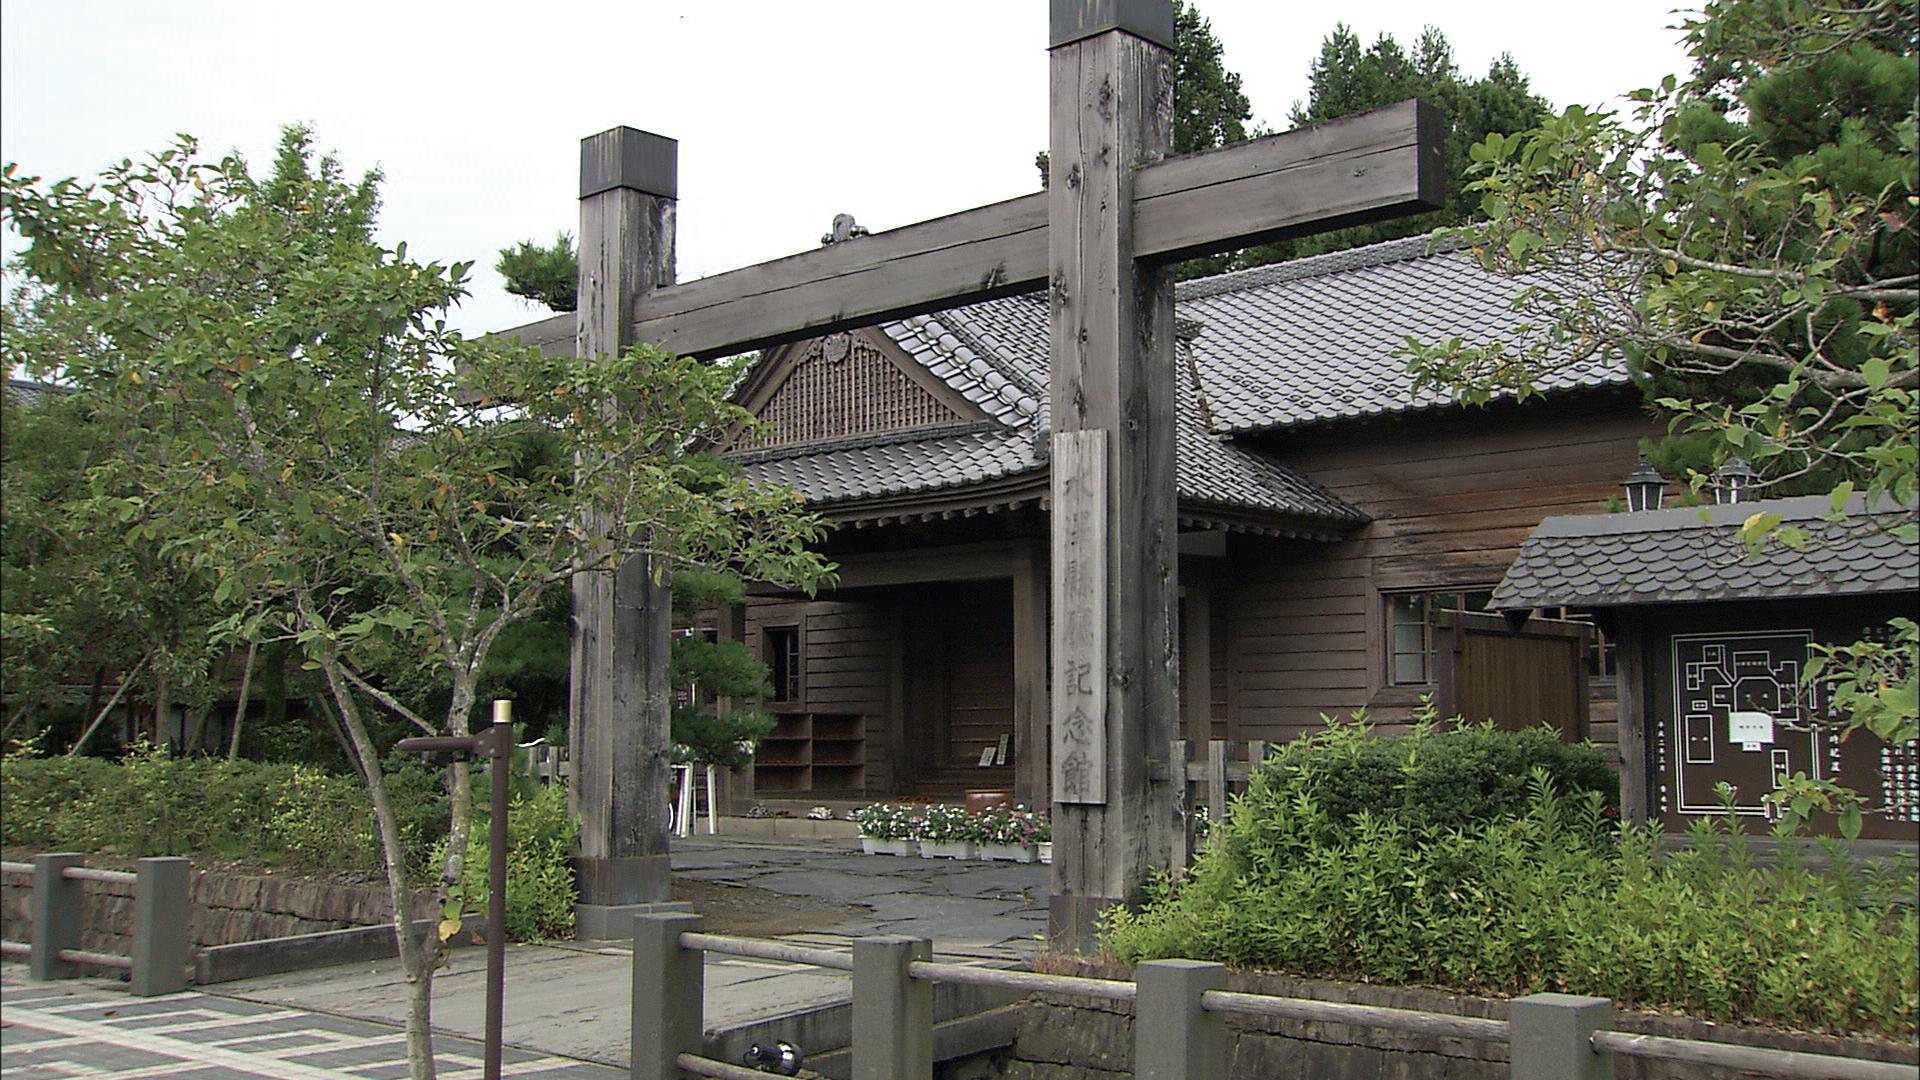 No.100046 水沢県庁記念館(旧水沢県庁庁舎)